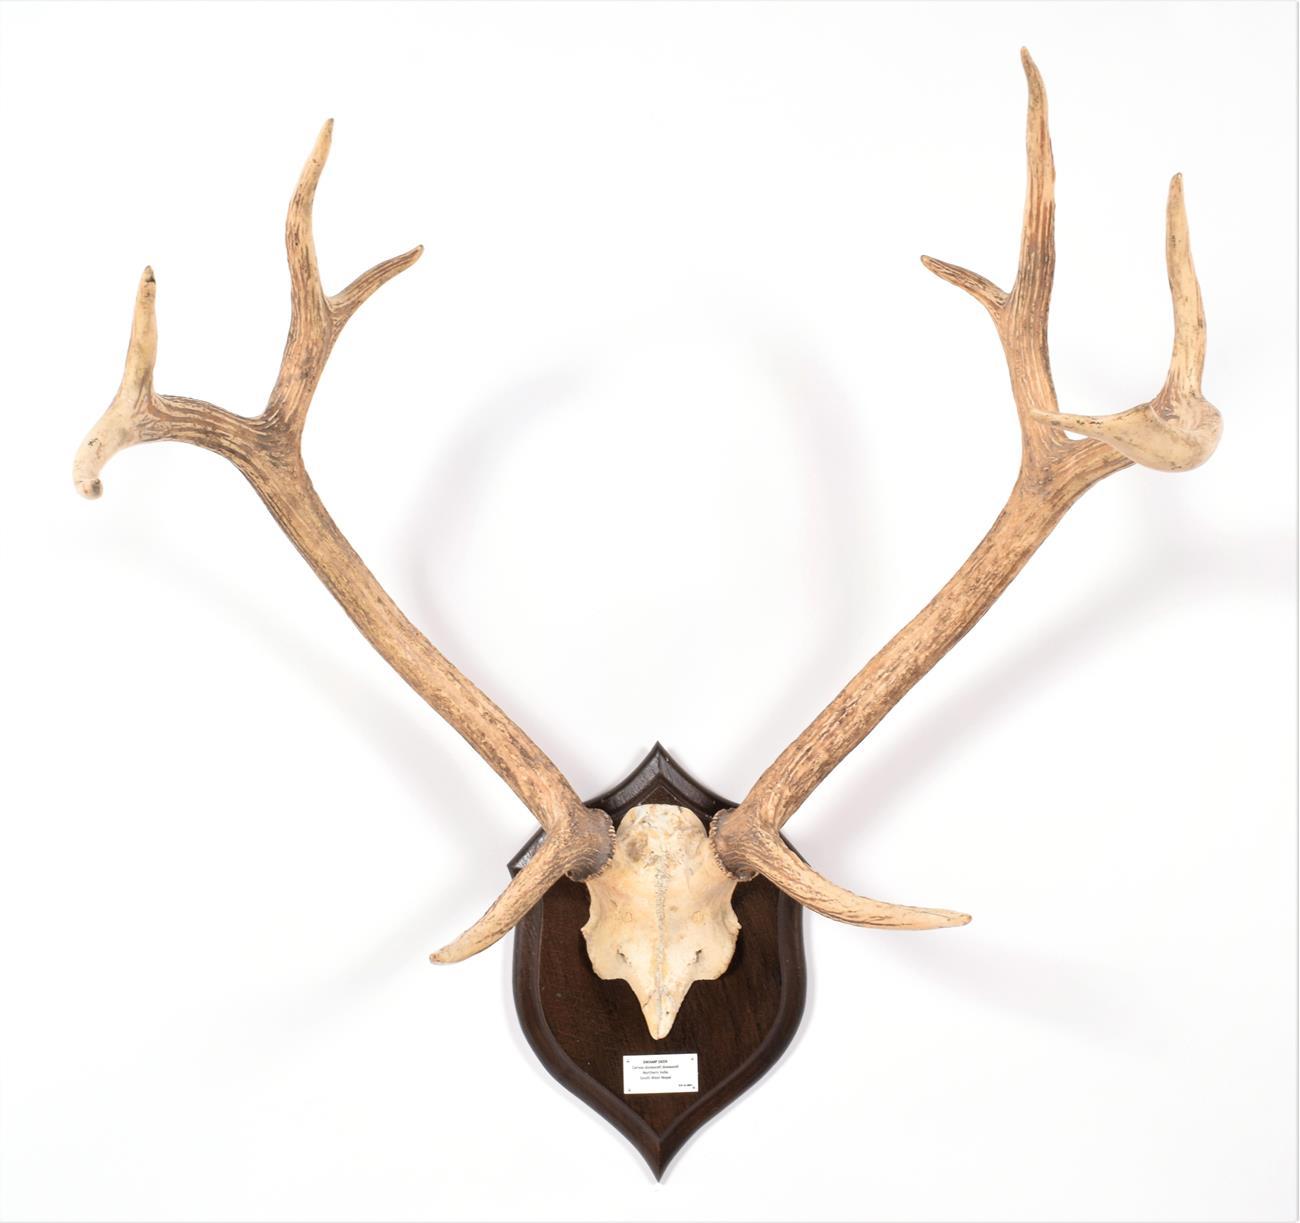 Antlers/Horns: Swamp Deer or Barasingha (Rucervus duvaucelii duvaucelii), South West Nepal, Northern